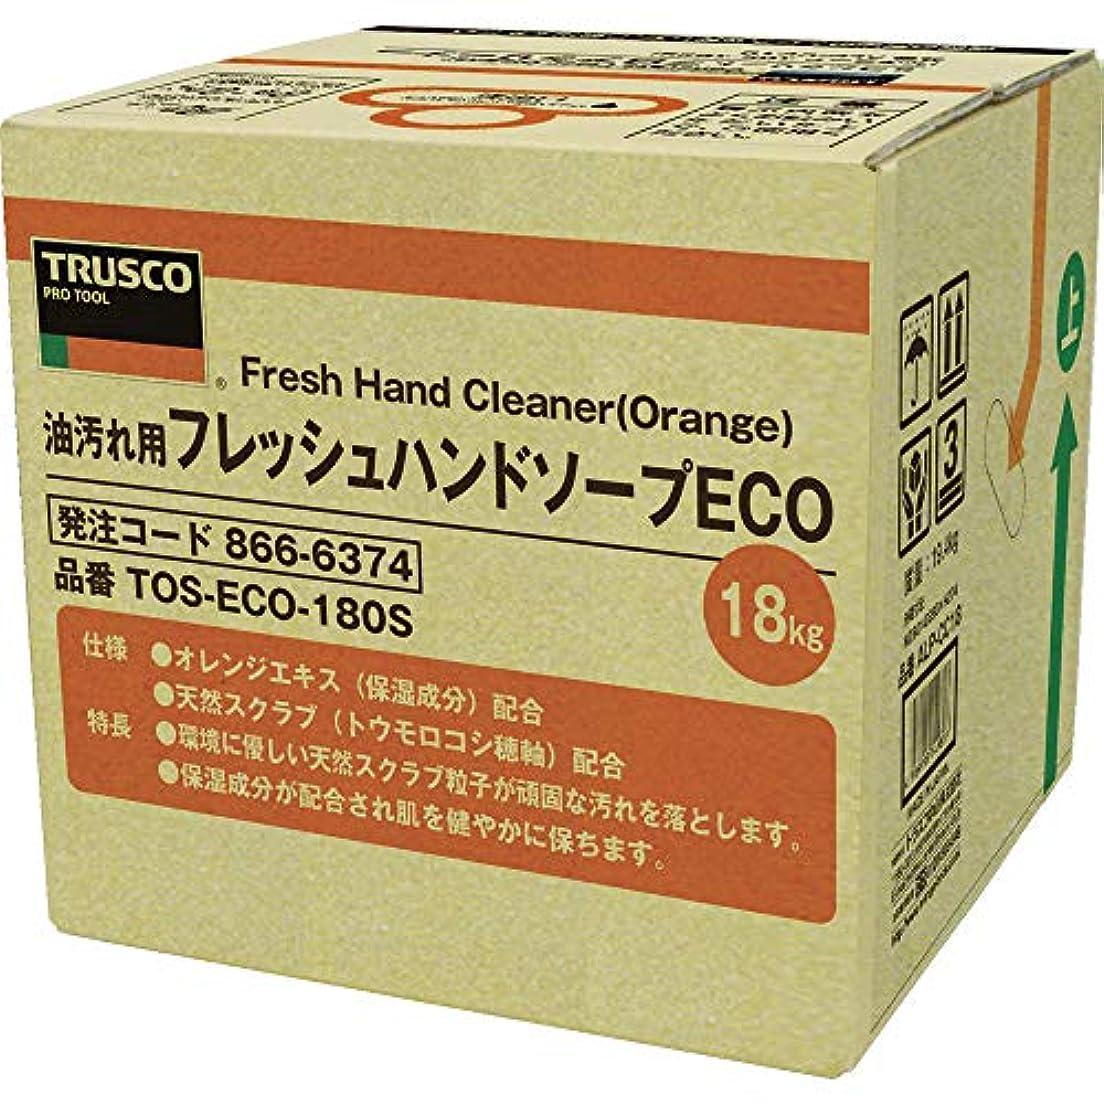 補助金宇宙の植物学者TRUSCO(トラスコ) フレッシュハンドソープECO 18L 詰替 バッグインボックス TOSECO180S